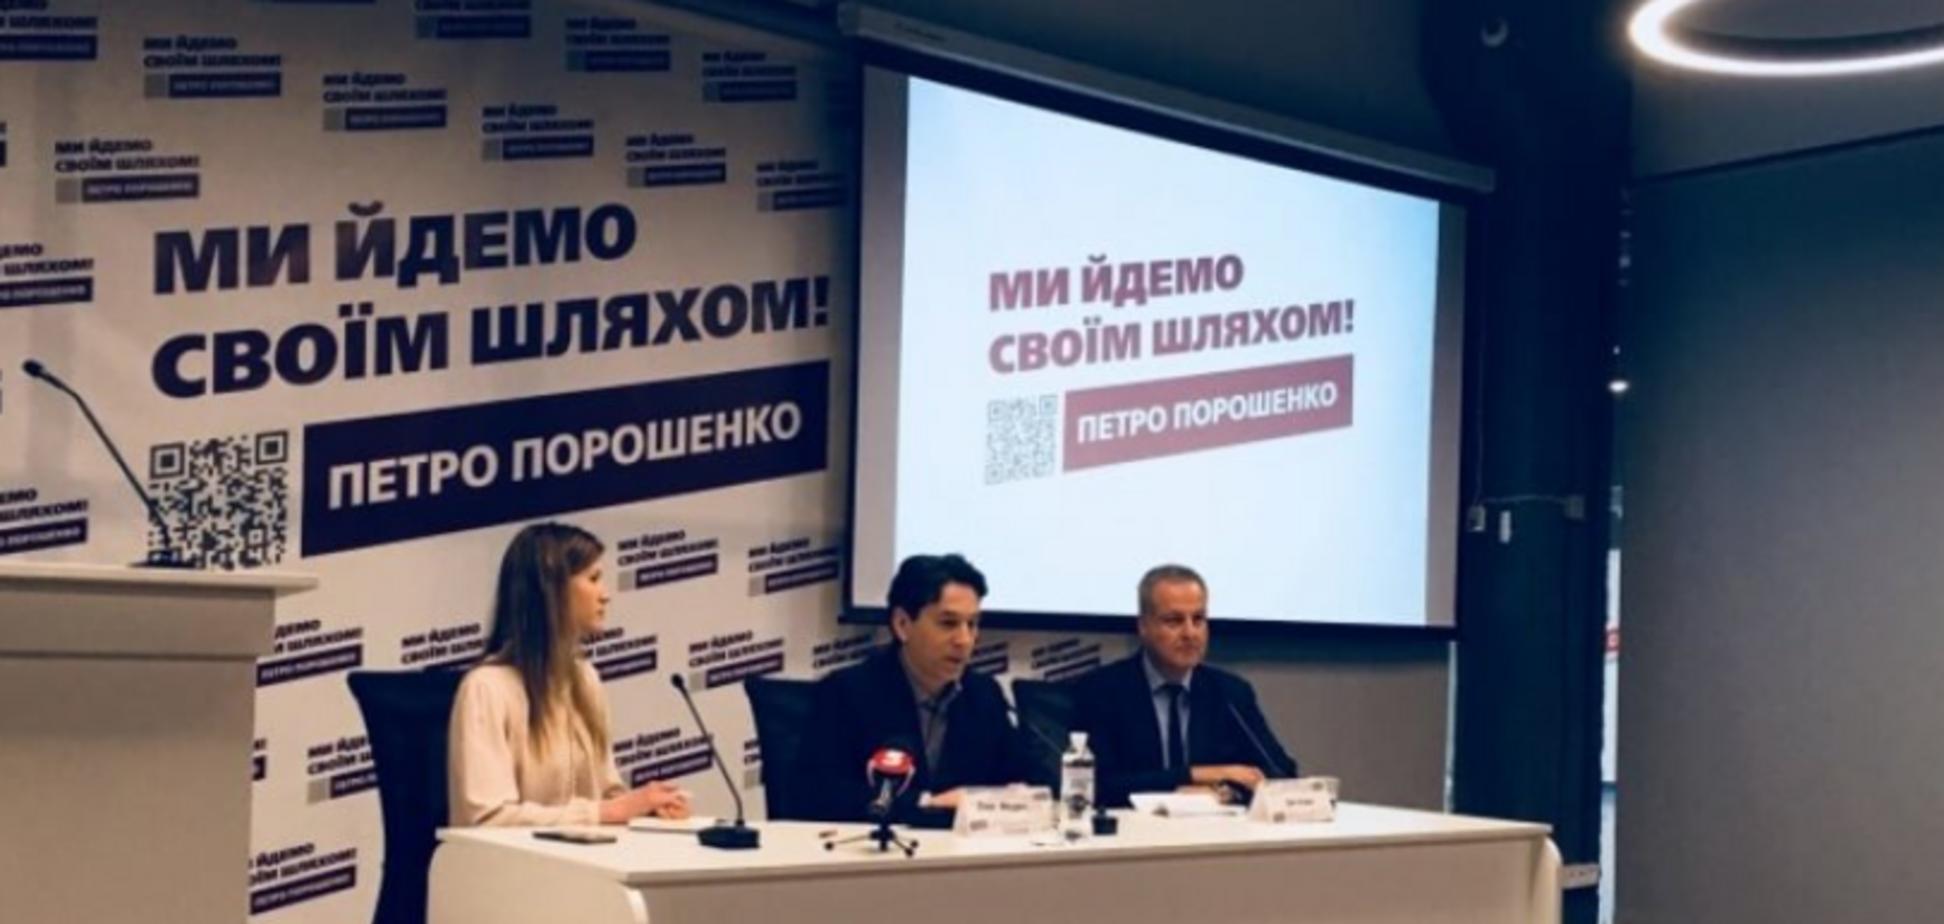 Кононенко в иске против 'Радио Свобода' будет защищать адвокат, выигравший дело Порошенко против BBC